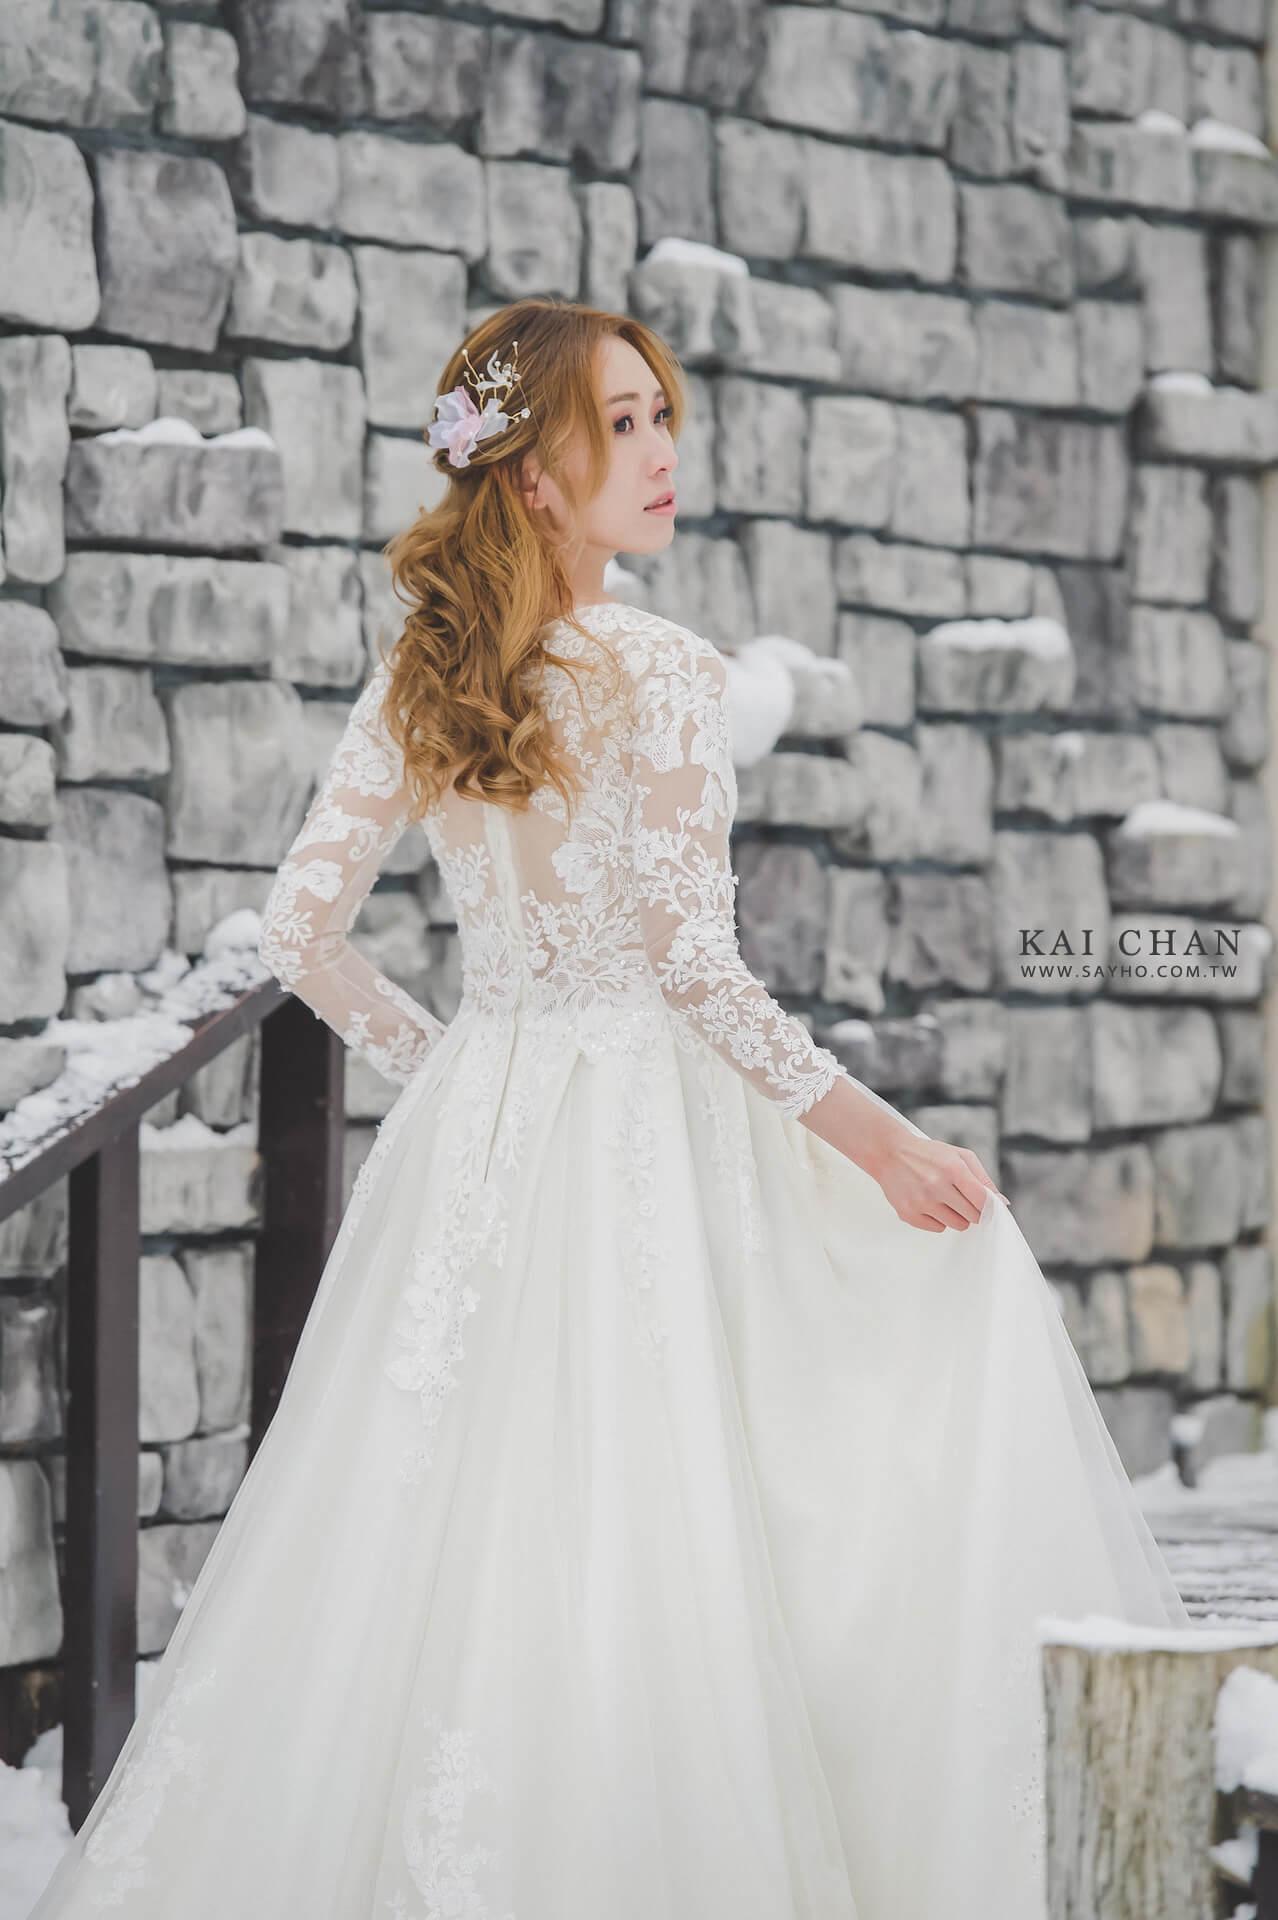 北海道拍婚紗,緩慢民宿,雪景婚紗